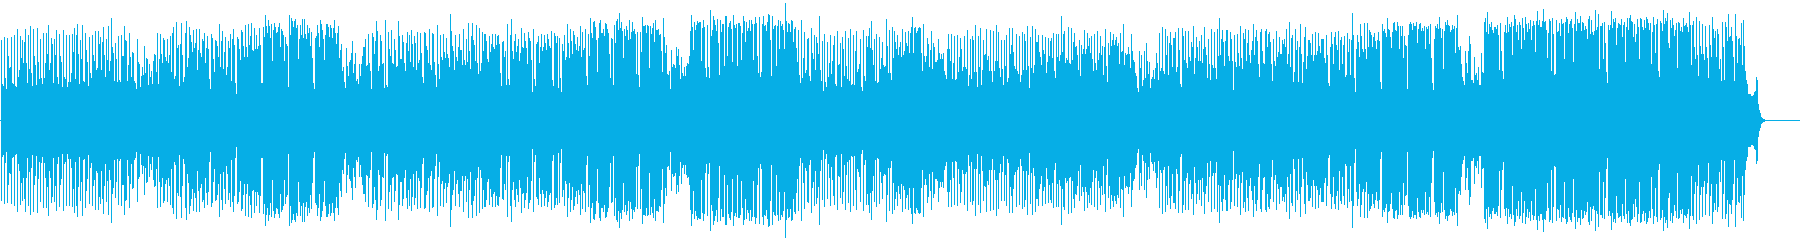 朝の情報向けポップロックの再生済みの波形